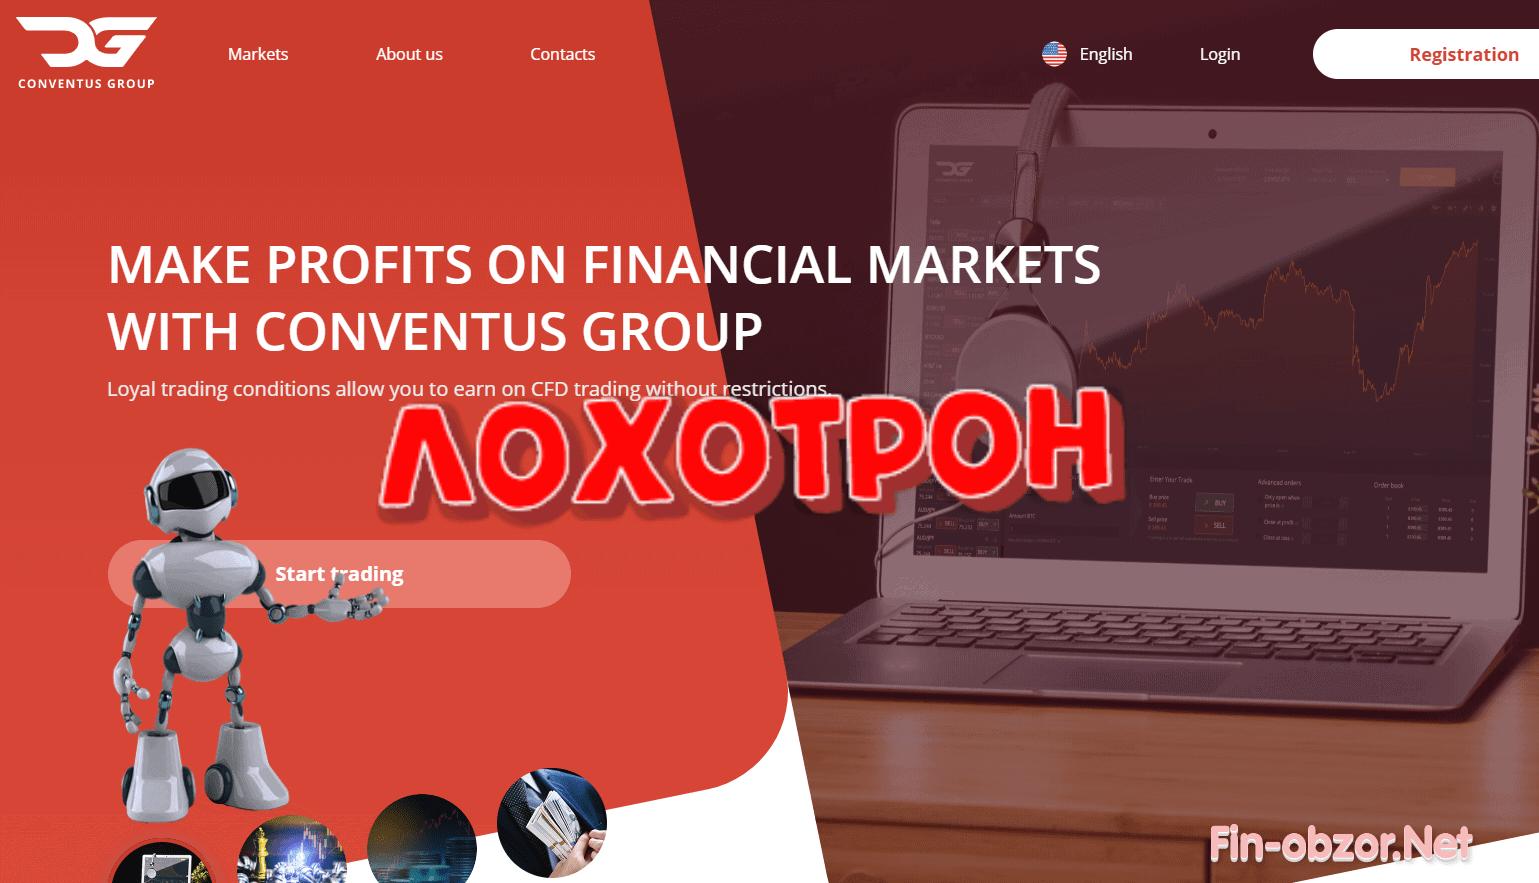 Conventus Group (conventusgroup.com) - реальные отзывы и проверка брокера